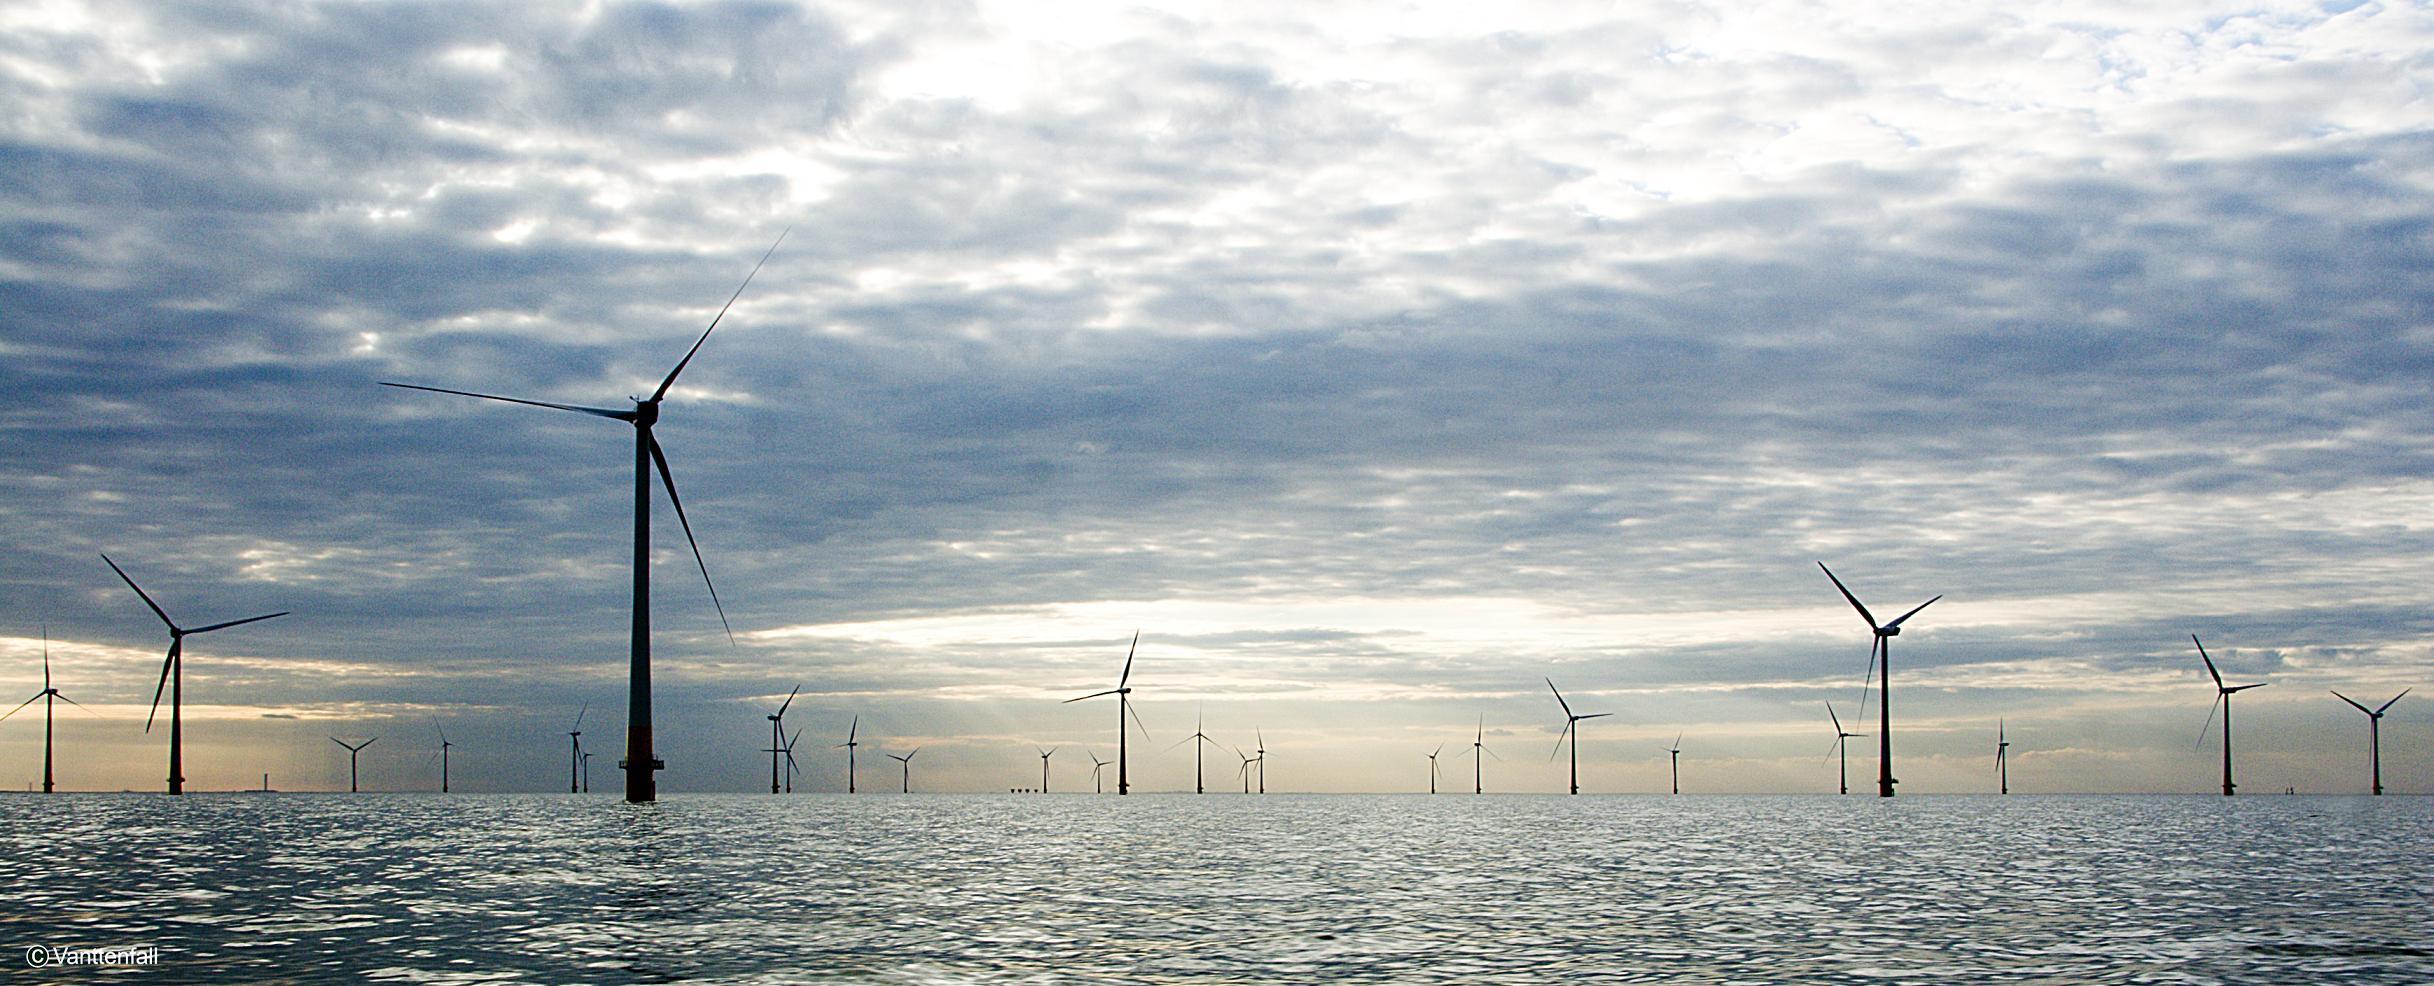 Diputación rechaza el parque eólico marino 'Las Cruces del Mar', que obtuvo un